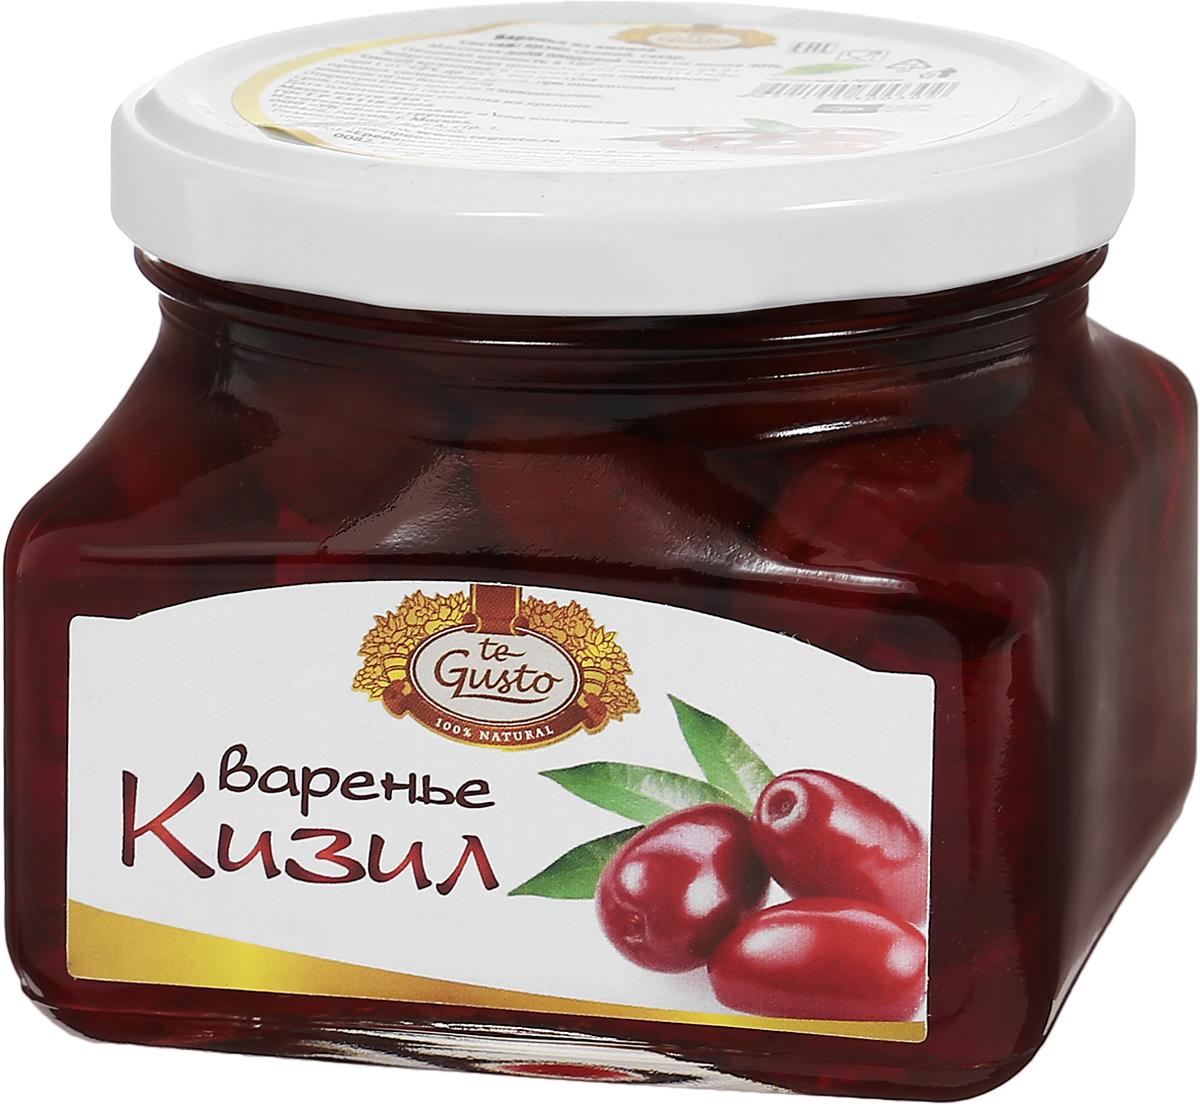 te Gusto Варенье из кизила, 430 г4657155300309Ягоды кизила имеют освежающий кисло-сладкий вкус, поскольку они очень богаты витамином С и многими органическими кислотами. Именно благодаря наличию аскорбиновой кислоты эти ягоды рекомендуются включать в рацион тех, кто страдает от простудных заболеваний, таких как ангина, грипп, бронхит, ОРВИ и многие другие. Витамин С также жизненно необходим нашему организму для поддержания функции иммунитета и усиления защиты организма от различных заболеваний. Для того, чтобы воспользоваться указанными выше полезными свойствами кизила, необходимо употреблять его в виде отвара или варенья из ягод. Кизил также полезен тем, кто страдает от различных недугов, связанных с плохим пищеварением. Это и несварение желудка, и плохой аппетит, и повышенная кислотность, и изжога. Кизил очень богат такими натуральными веществами, как фитонциды, которые известны своими антибактериальными и антиинфекционными свойствами. Поэтому ягоды кизила могут защитить от внутренних инфекций и заражений. Сварено с любовью...